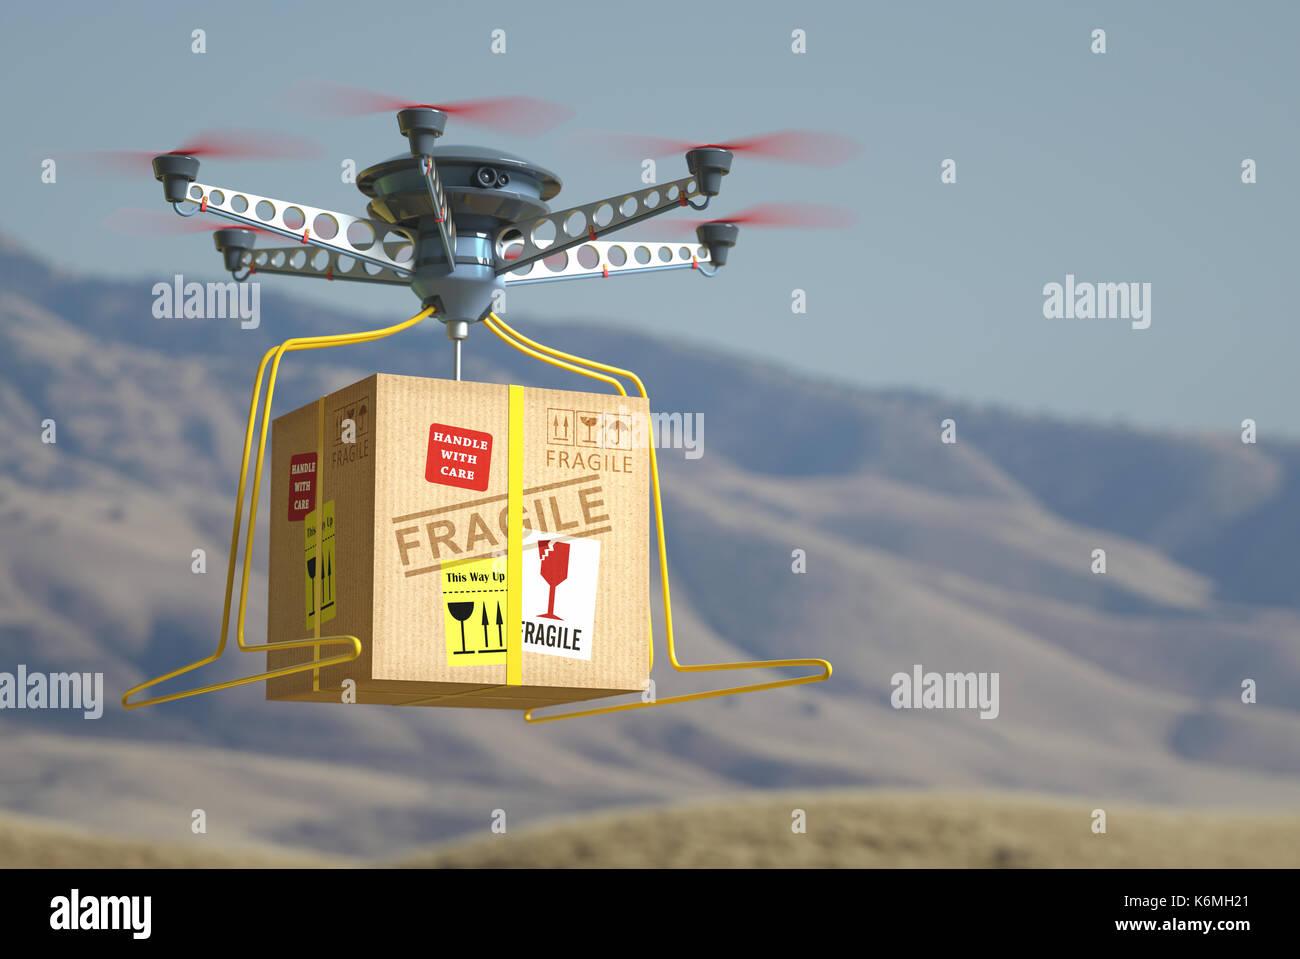 Entrega de paquetes a través de drone. El futuro de correo. Imagen De Stock